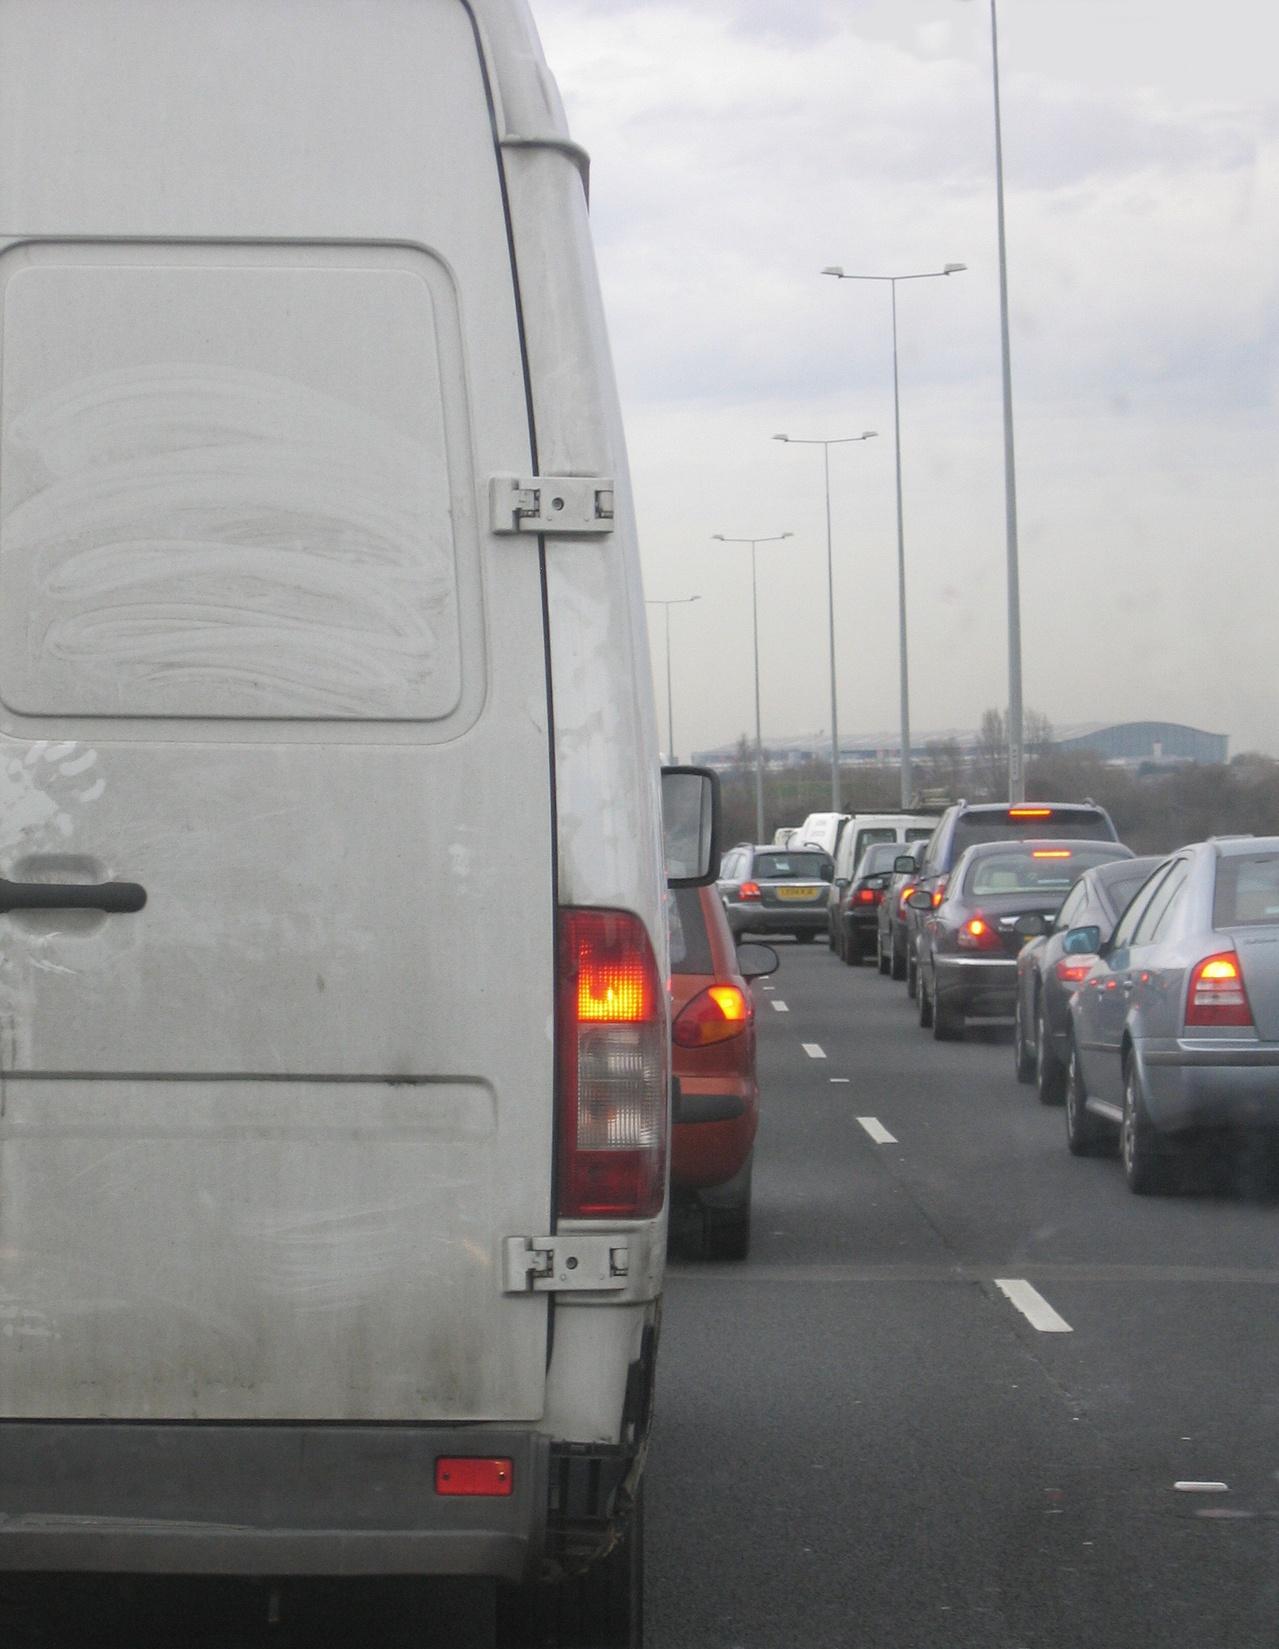 slow-traffick-1449352-1279x1648.jpg